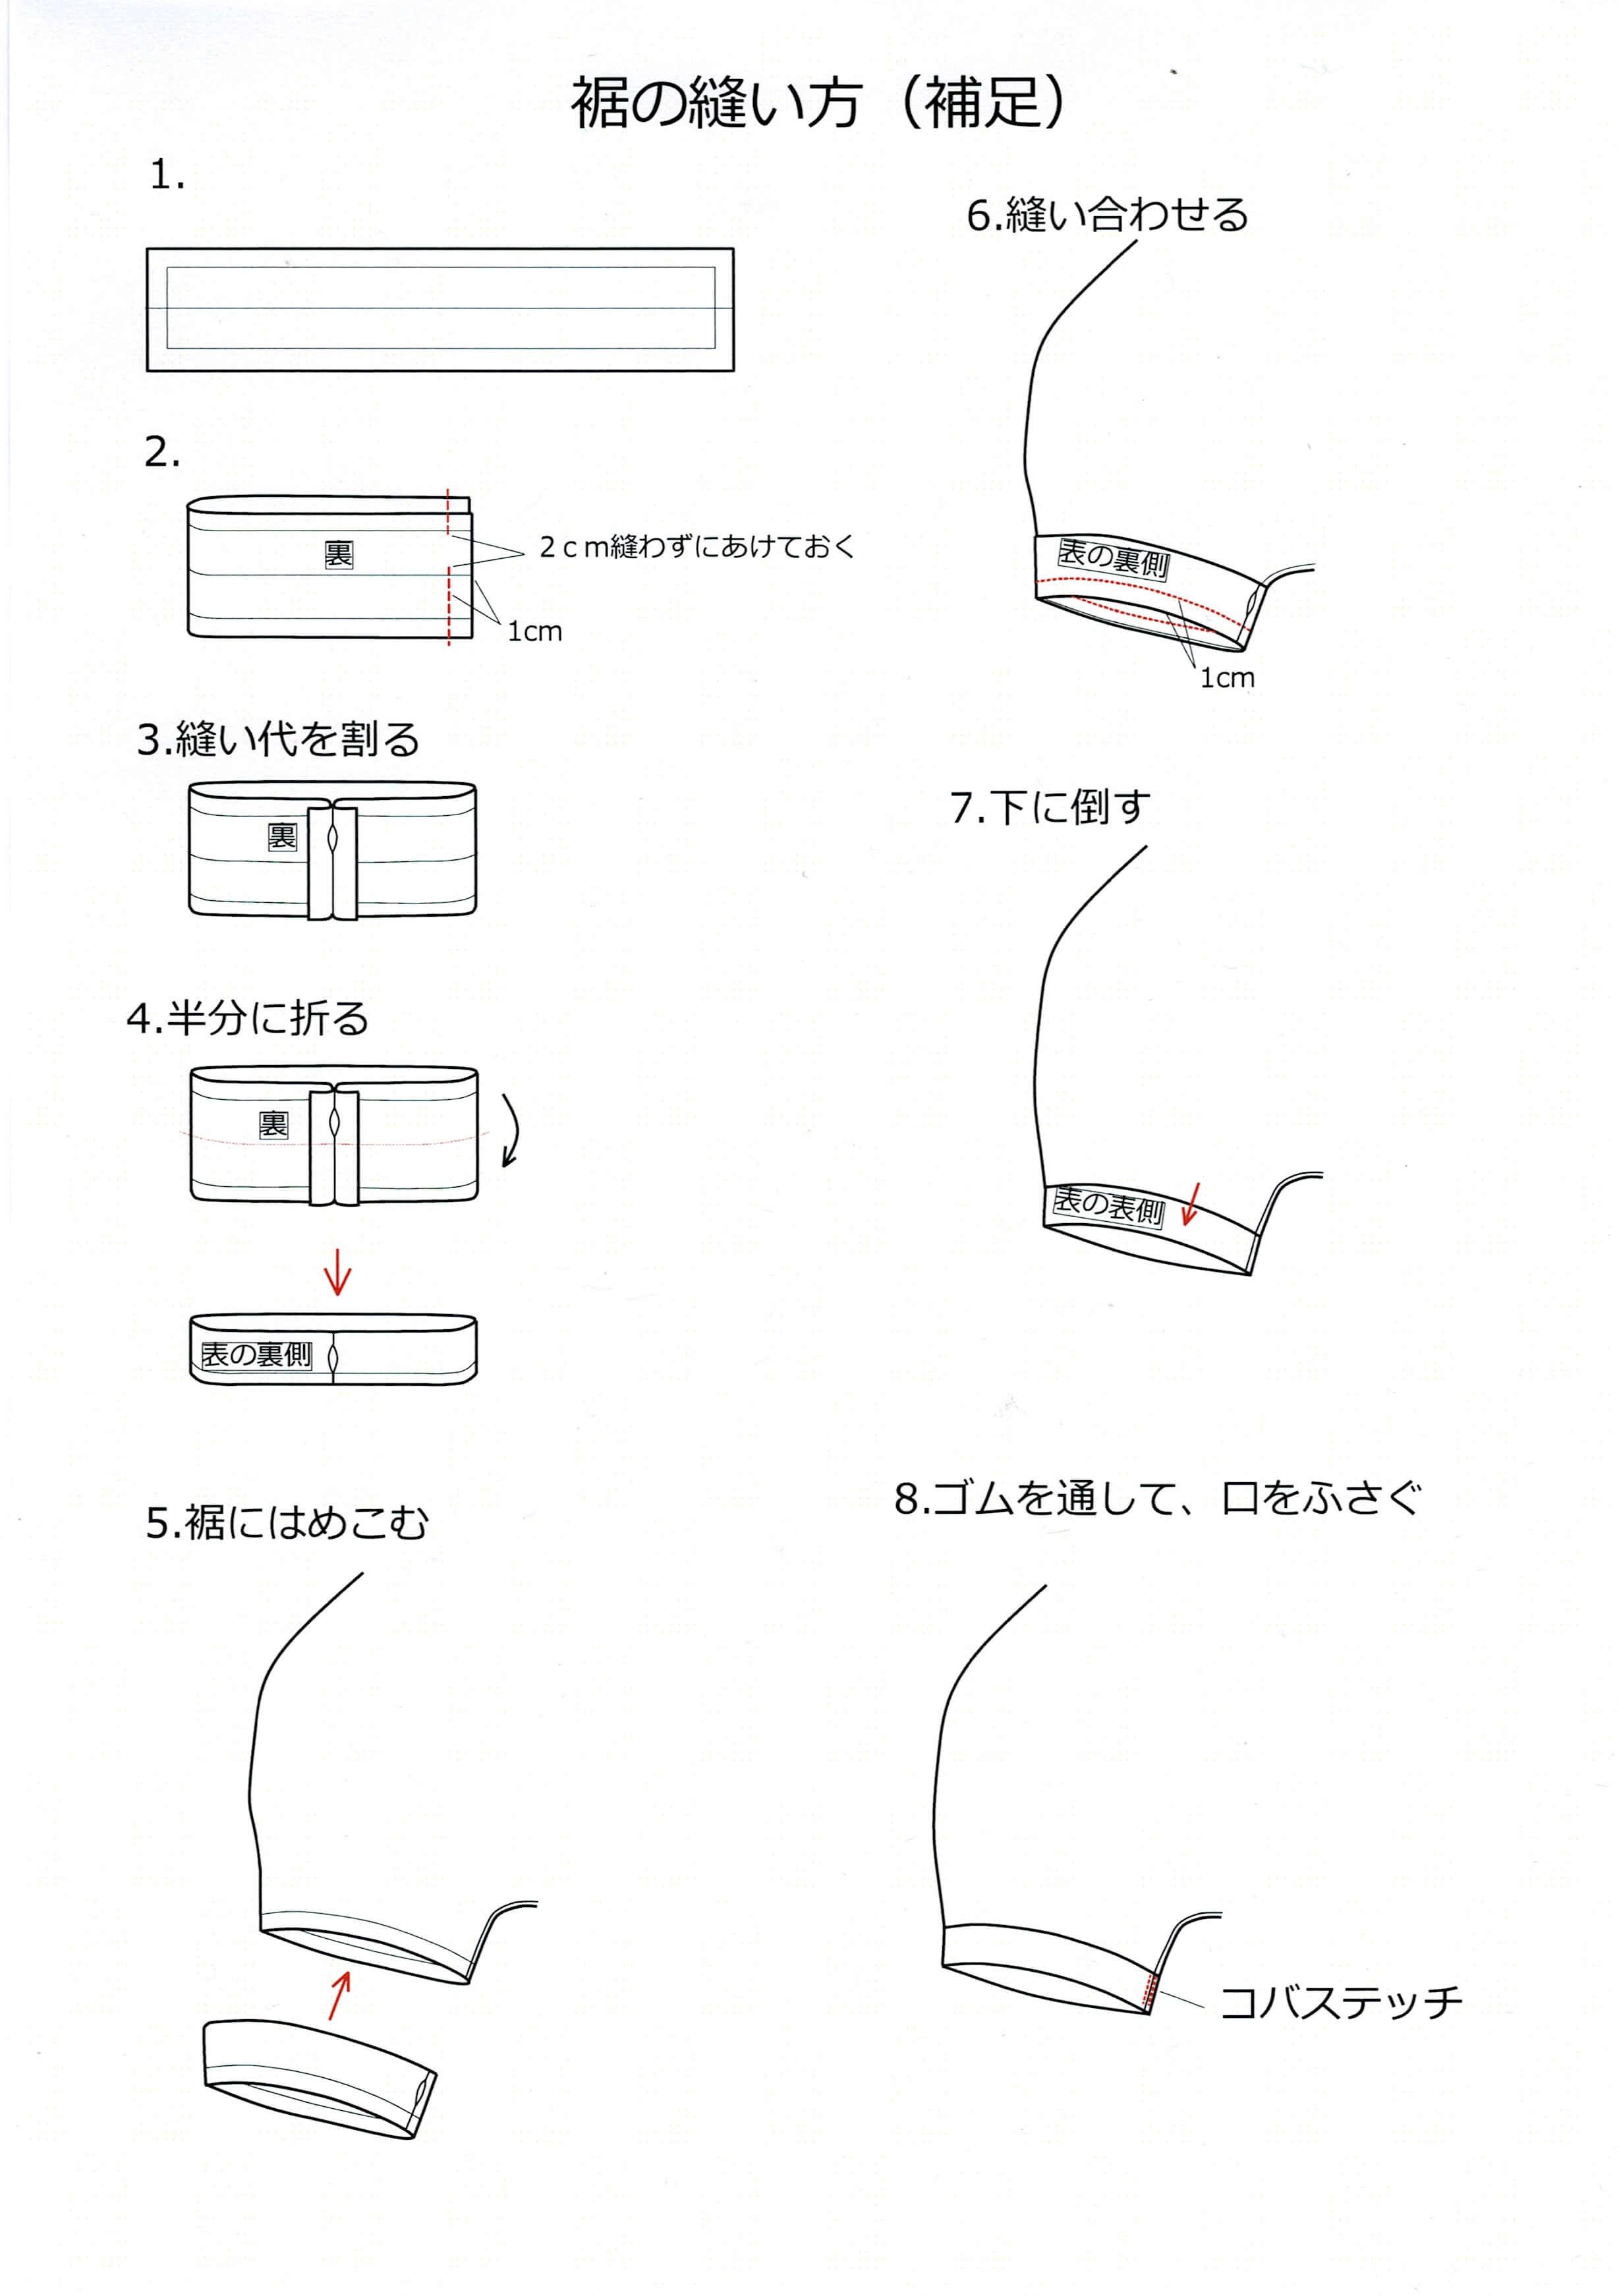 裾の縫い方図解